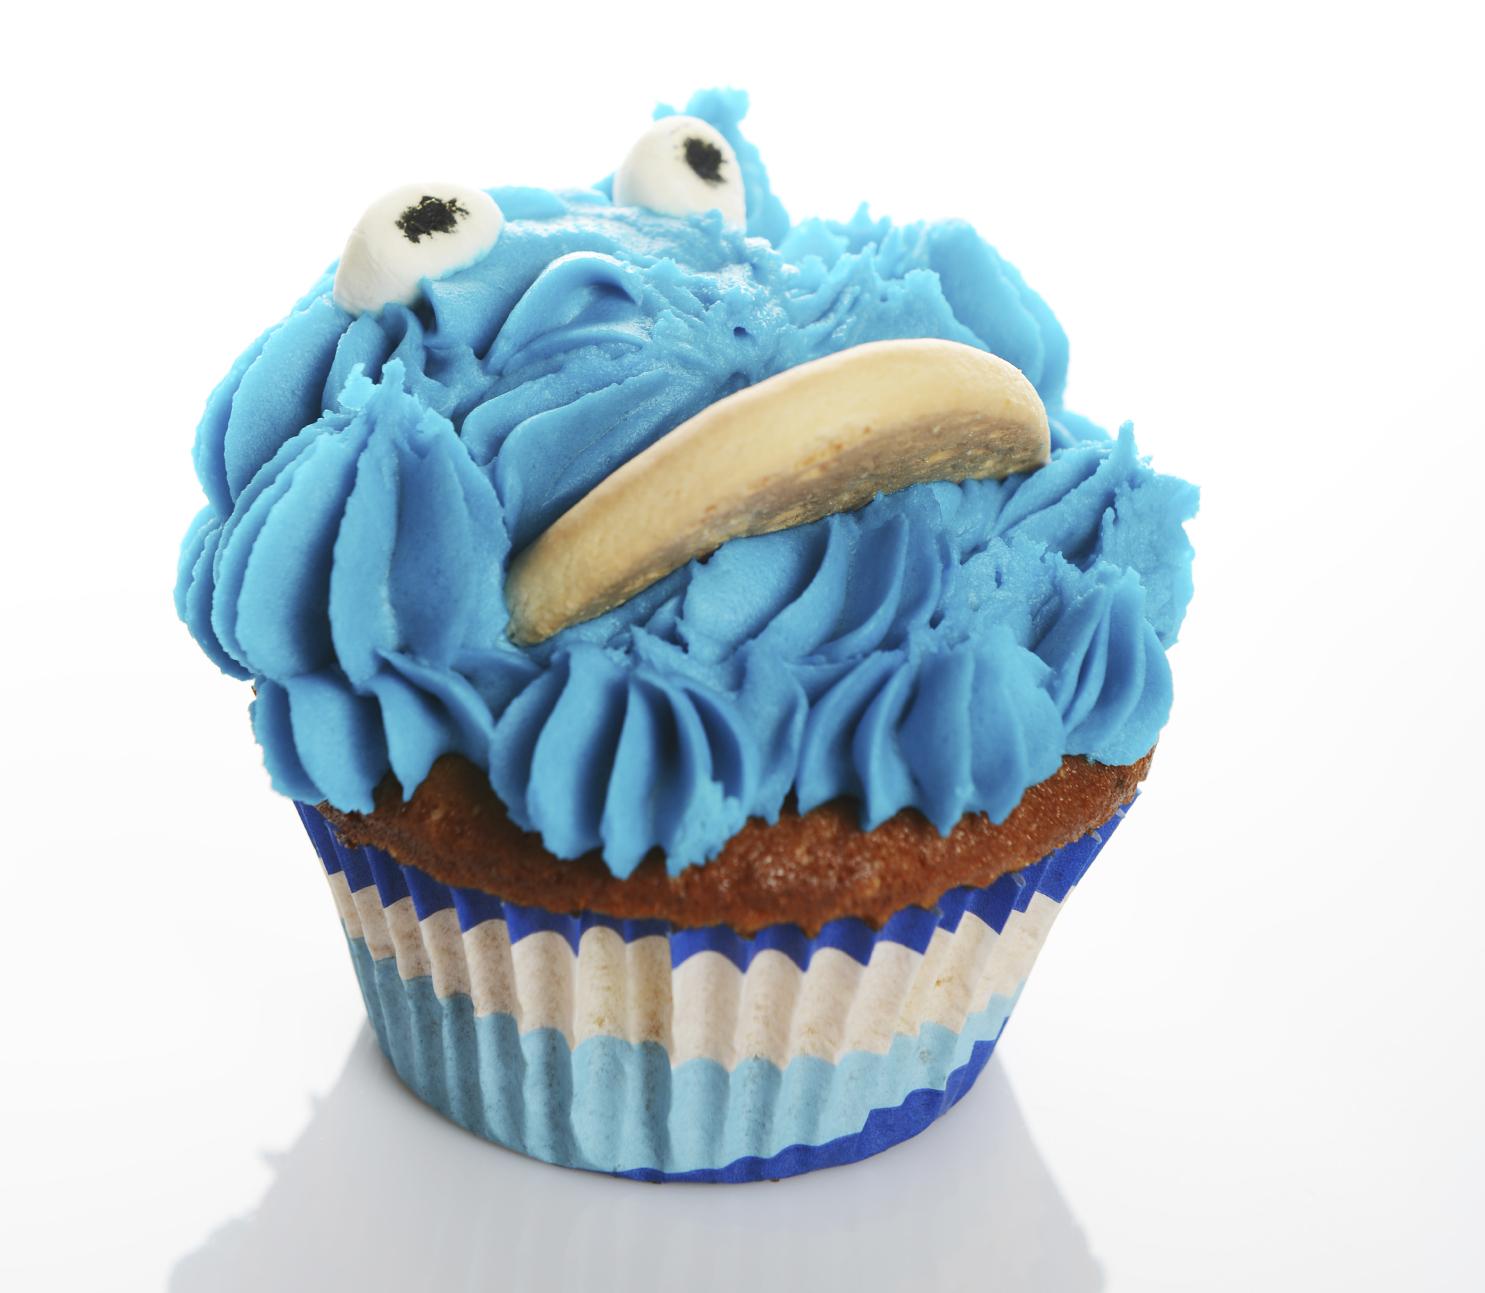 Cupcake decoradas con el monstruo de las galletas